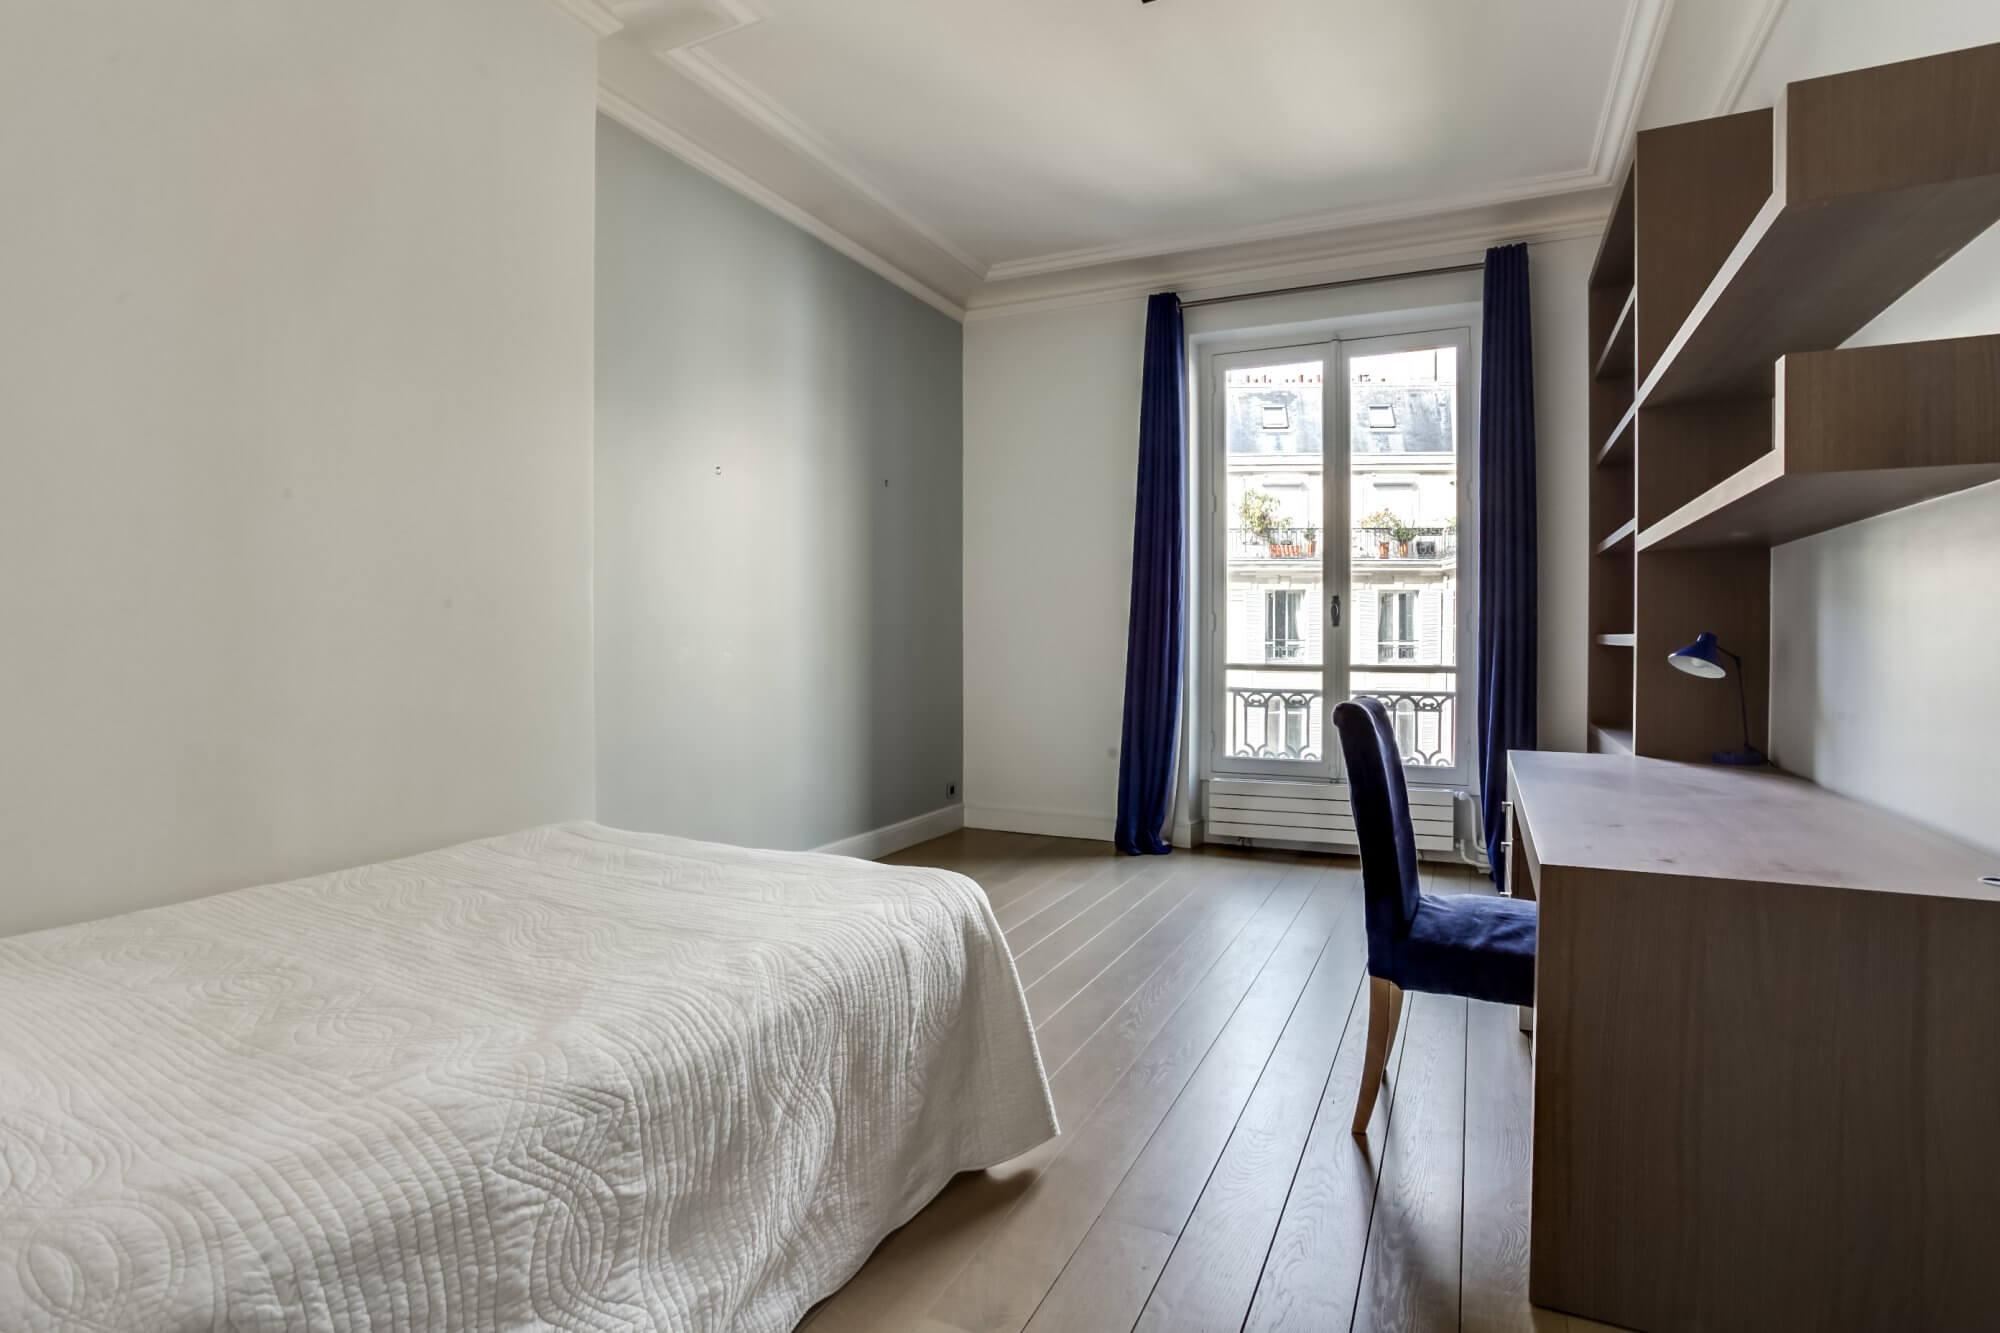 Etoile Hoche - Bedroom